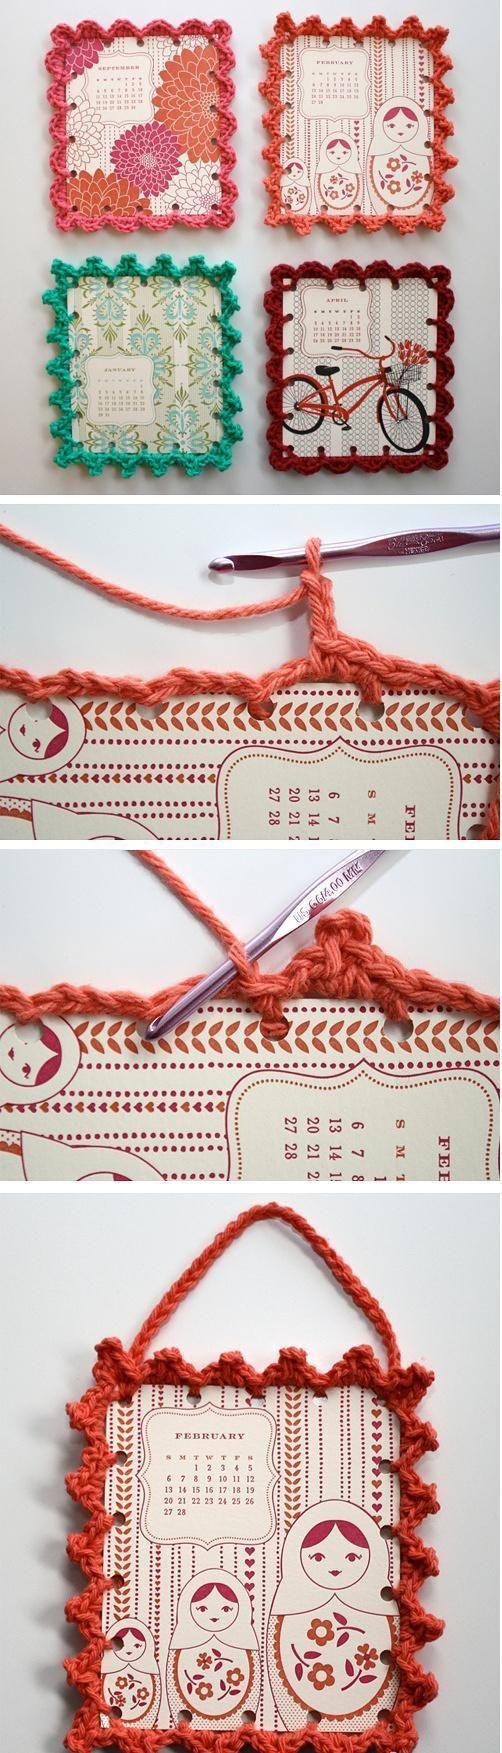 别致的相框 fun idea. Print patterns on card stock. Punch small holes on sides and pick a crochet fringe you like. Crochet around pic and add single loop crochet for handle. I would punch holes as you go just so you can get an idea of your gage first. Just an idea.